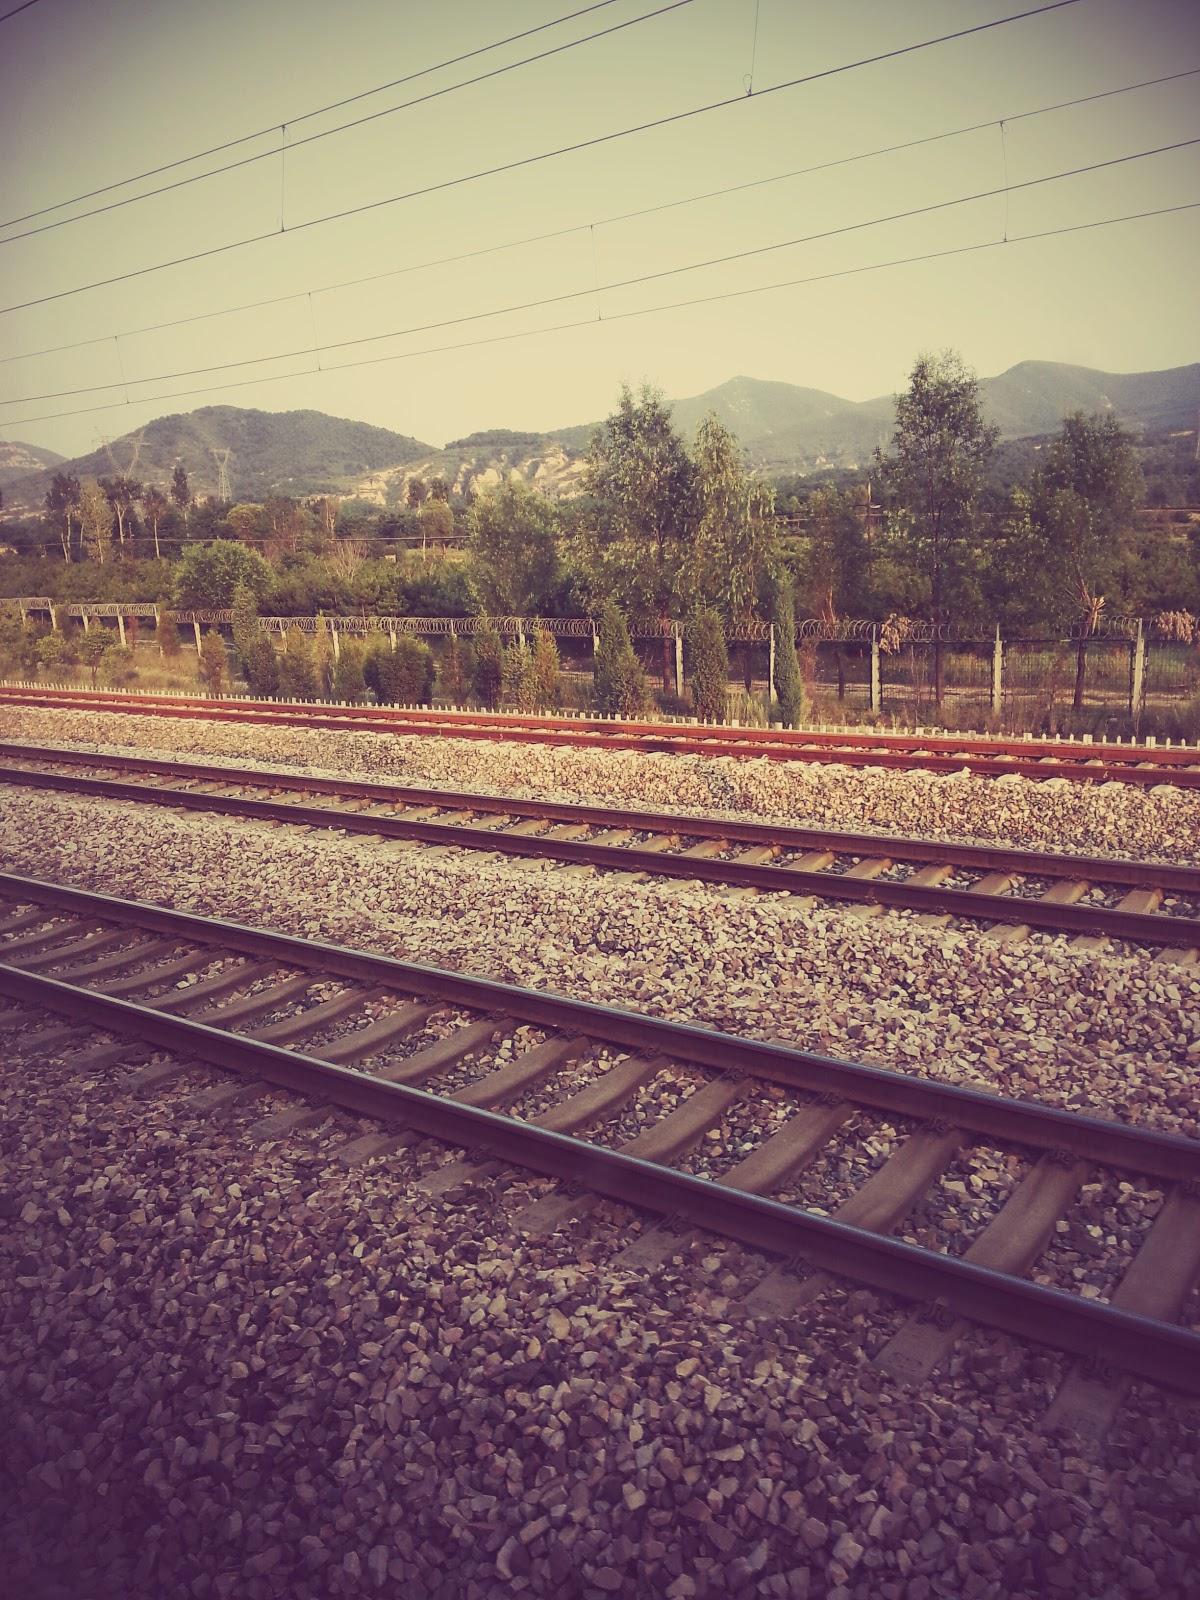 引我归来的铁路